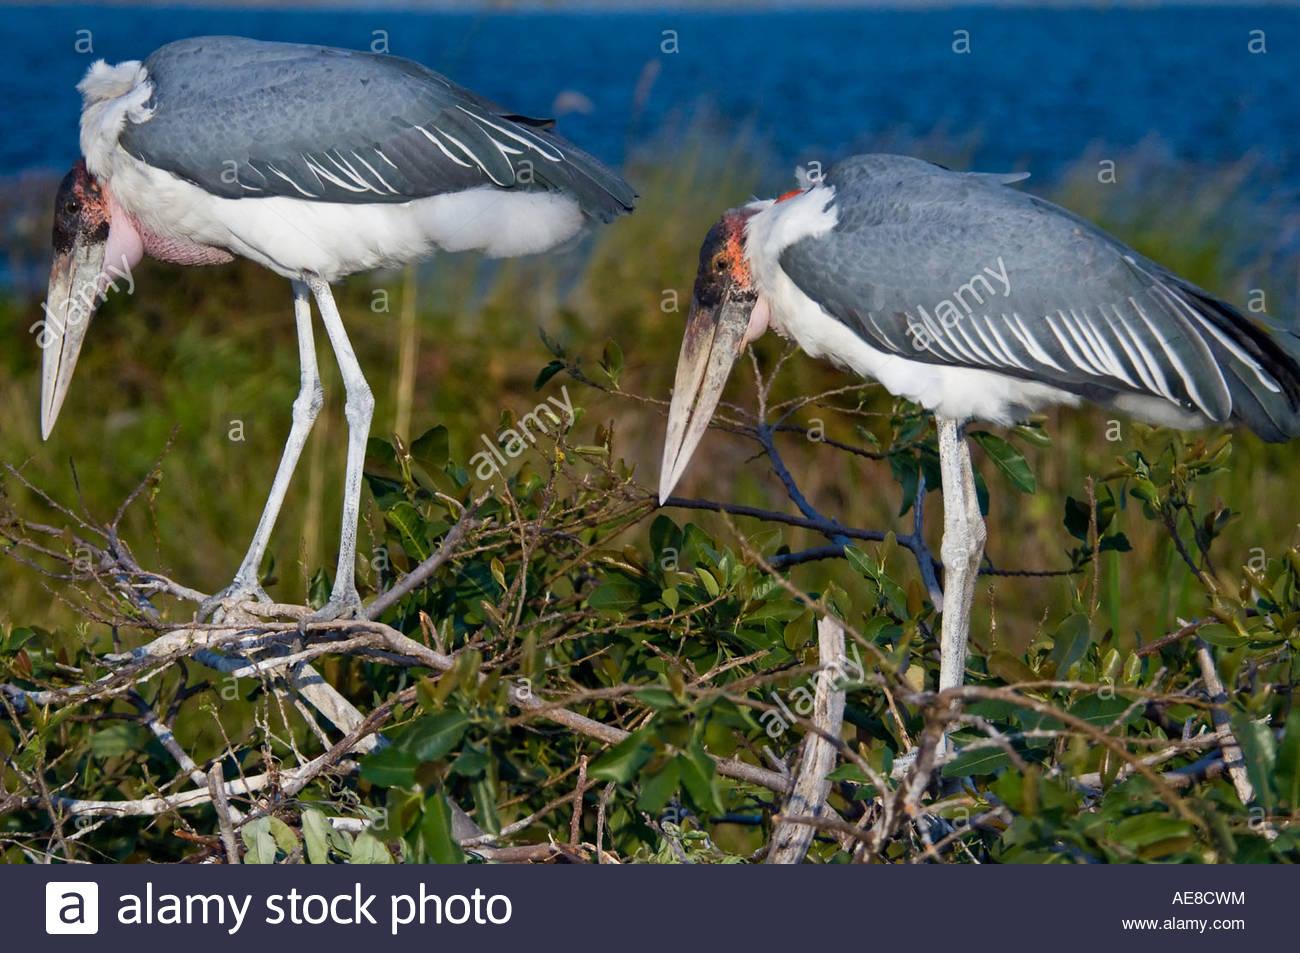 Maribou Storks Tending Their Nest. Moremi, Botswana - Stock Image